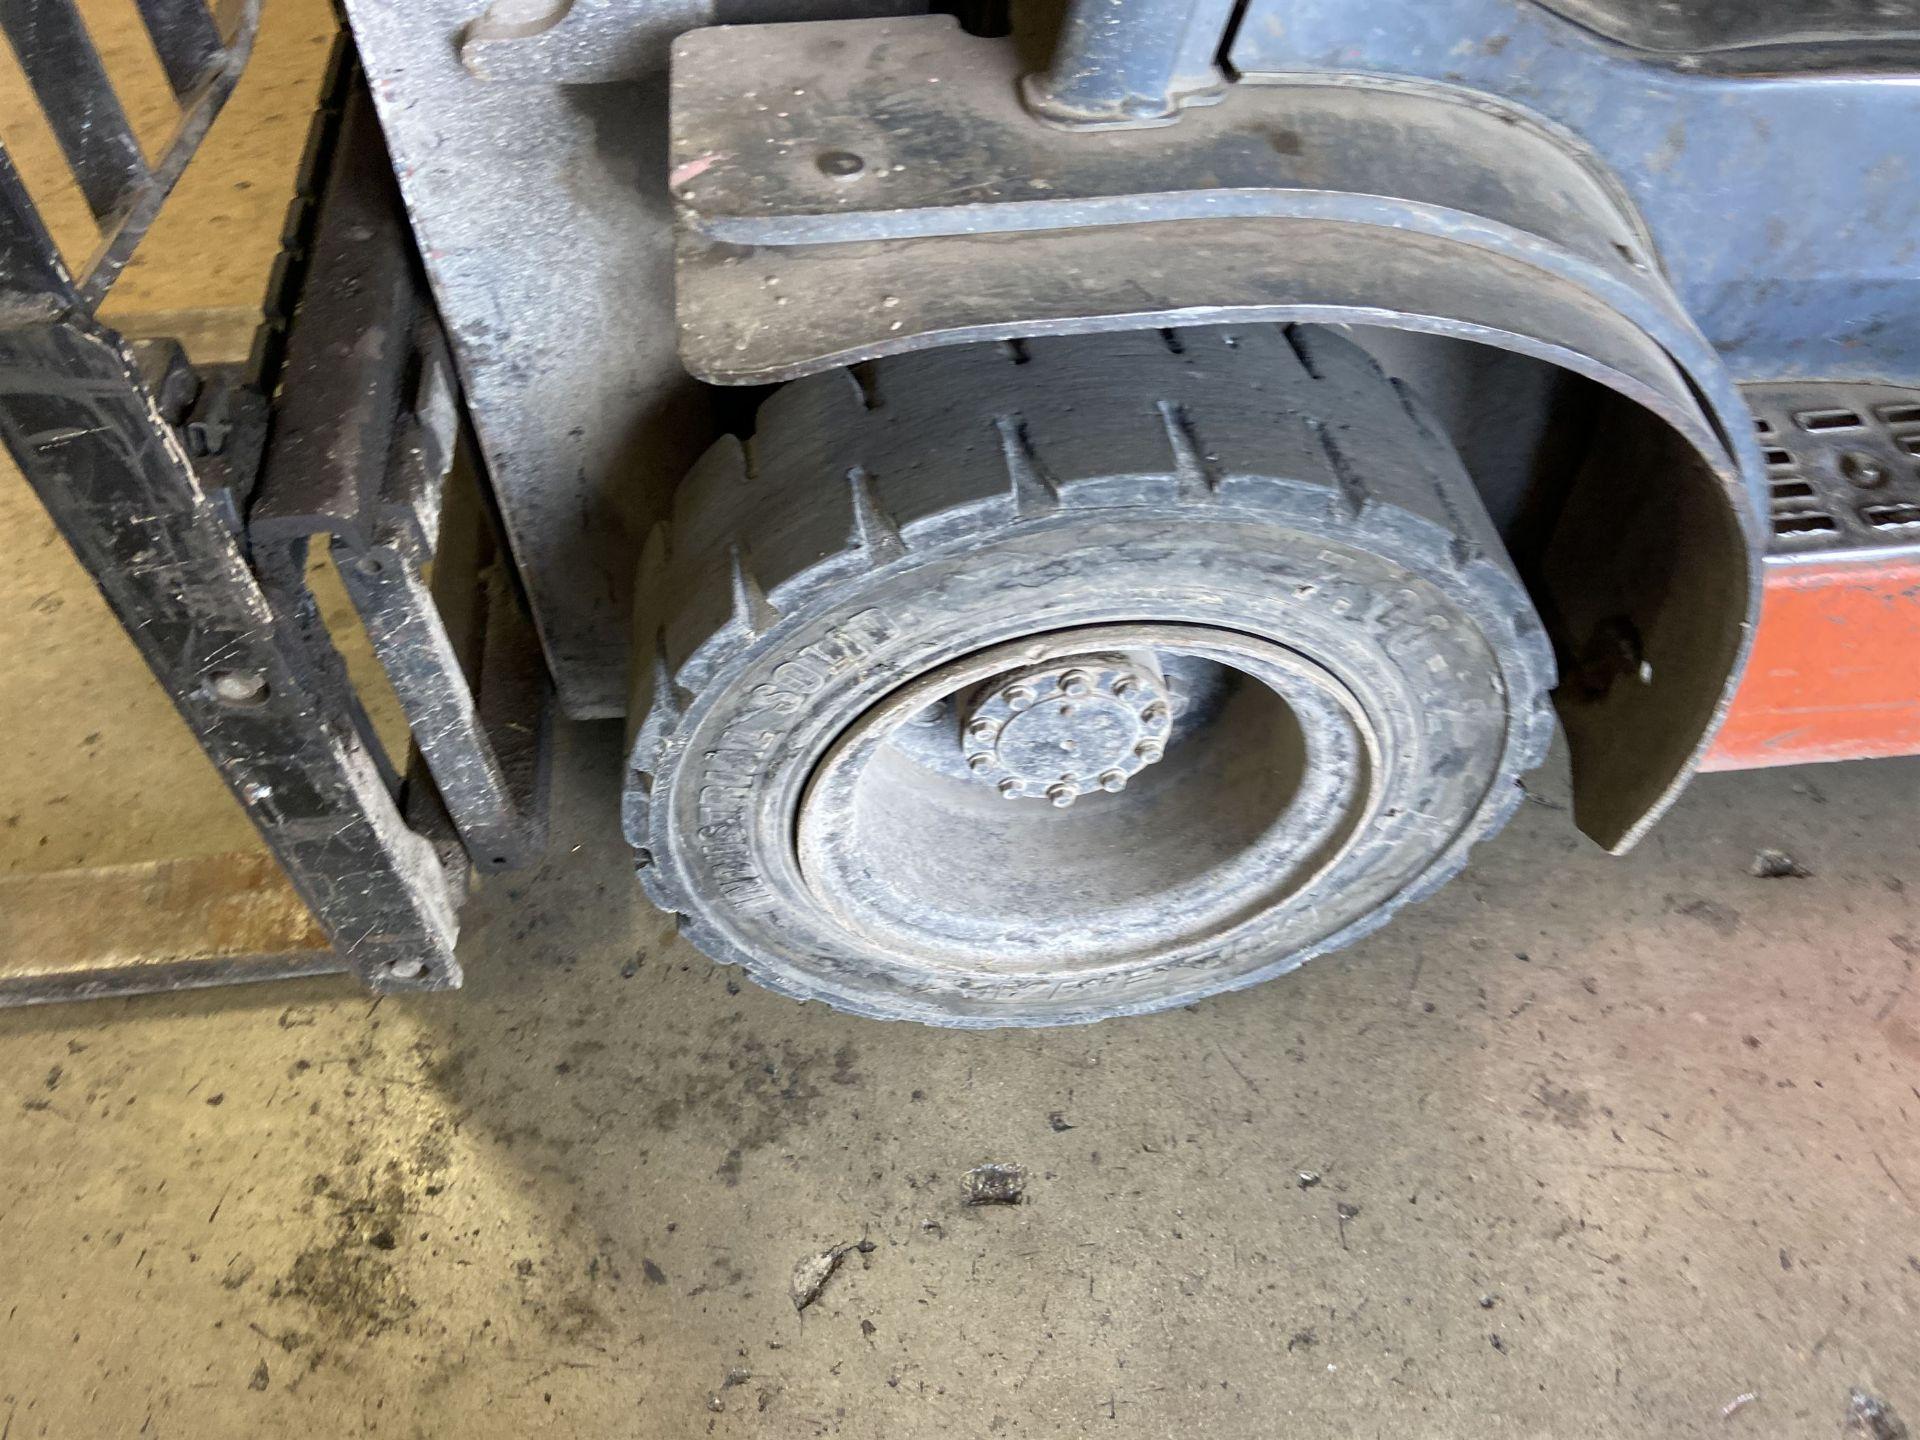 """Toyota Model 8FGU 25 LP 4500 Lb LP Forklift, 189 Lift, 3 Stage, 48"""" Forks, Side Shift, Solid - Image 2 of 6"""